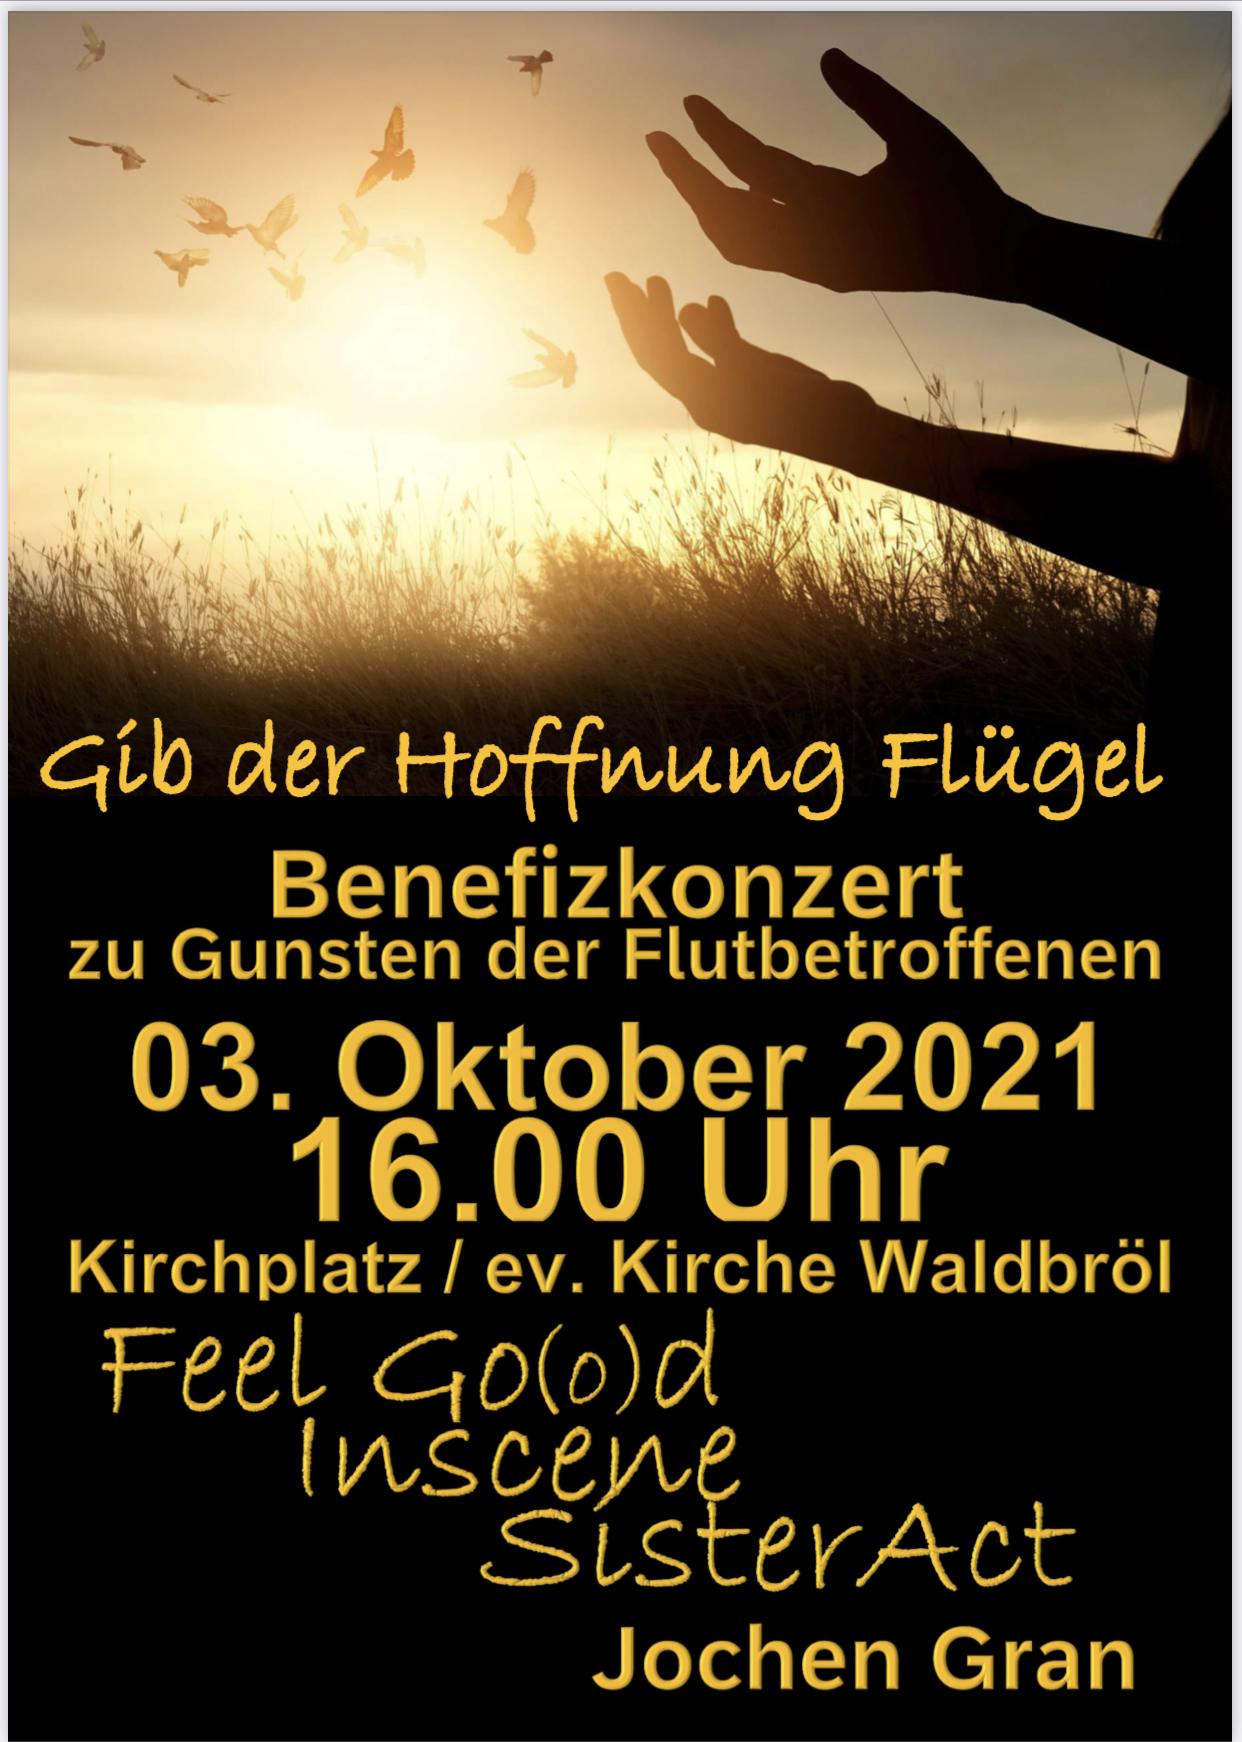 Benefizkonzert am 3. Oktober